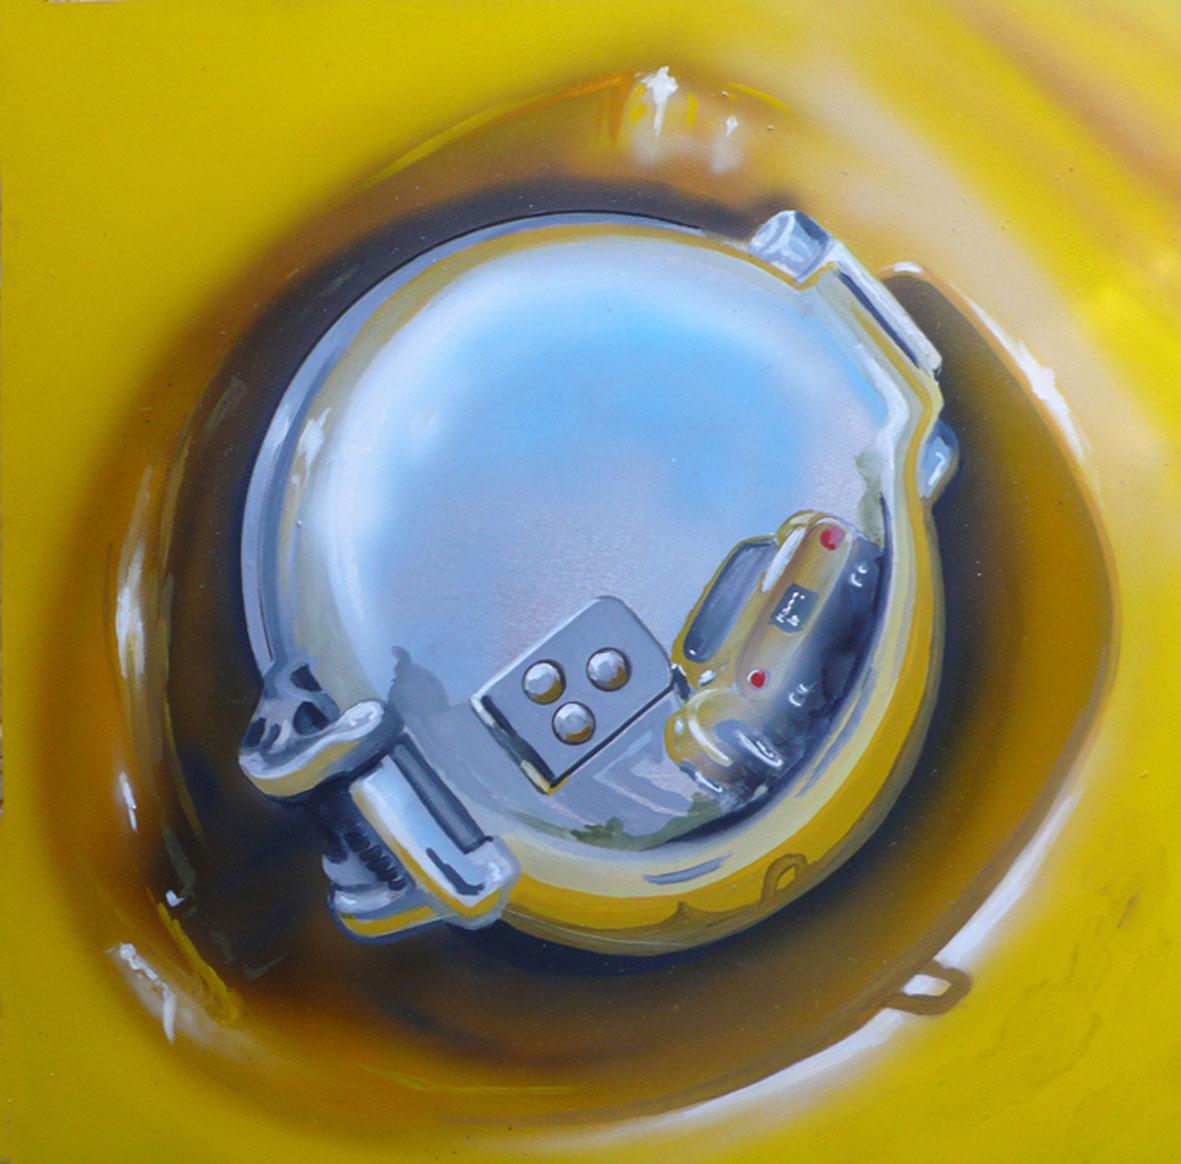 Fluel cap - 2012 - 30x30cm - Artist's collection.